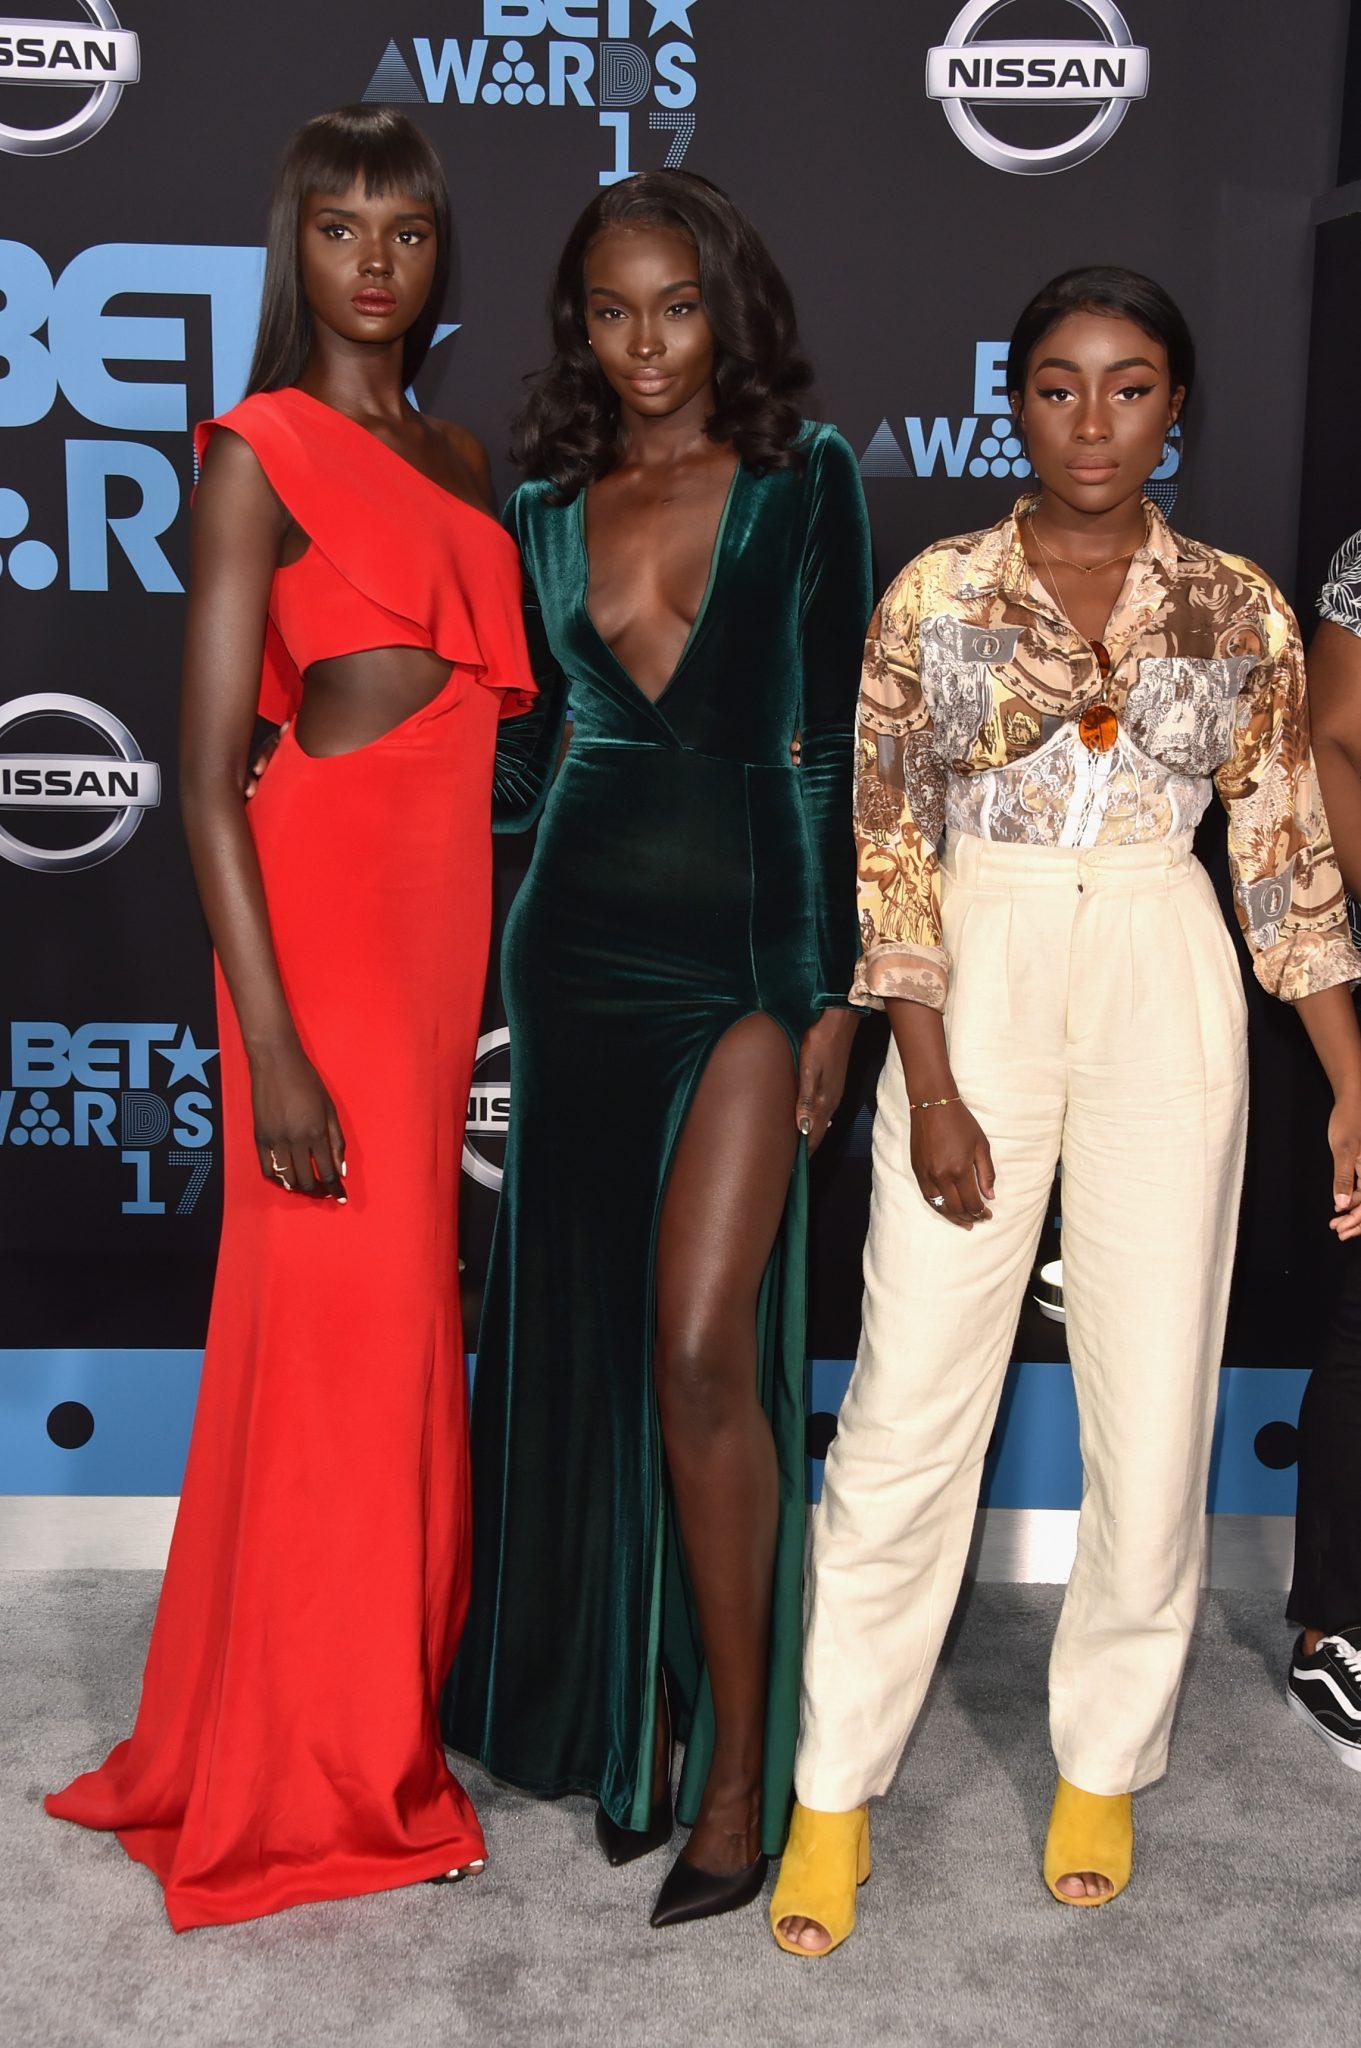 International Supermodels Invade BET Awards Weekend